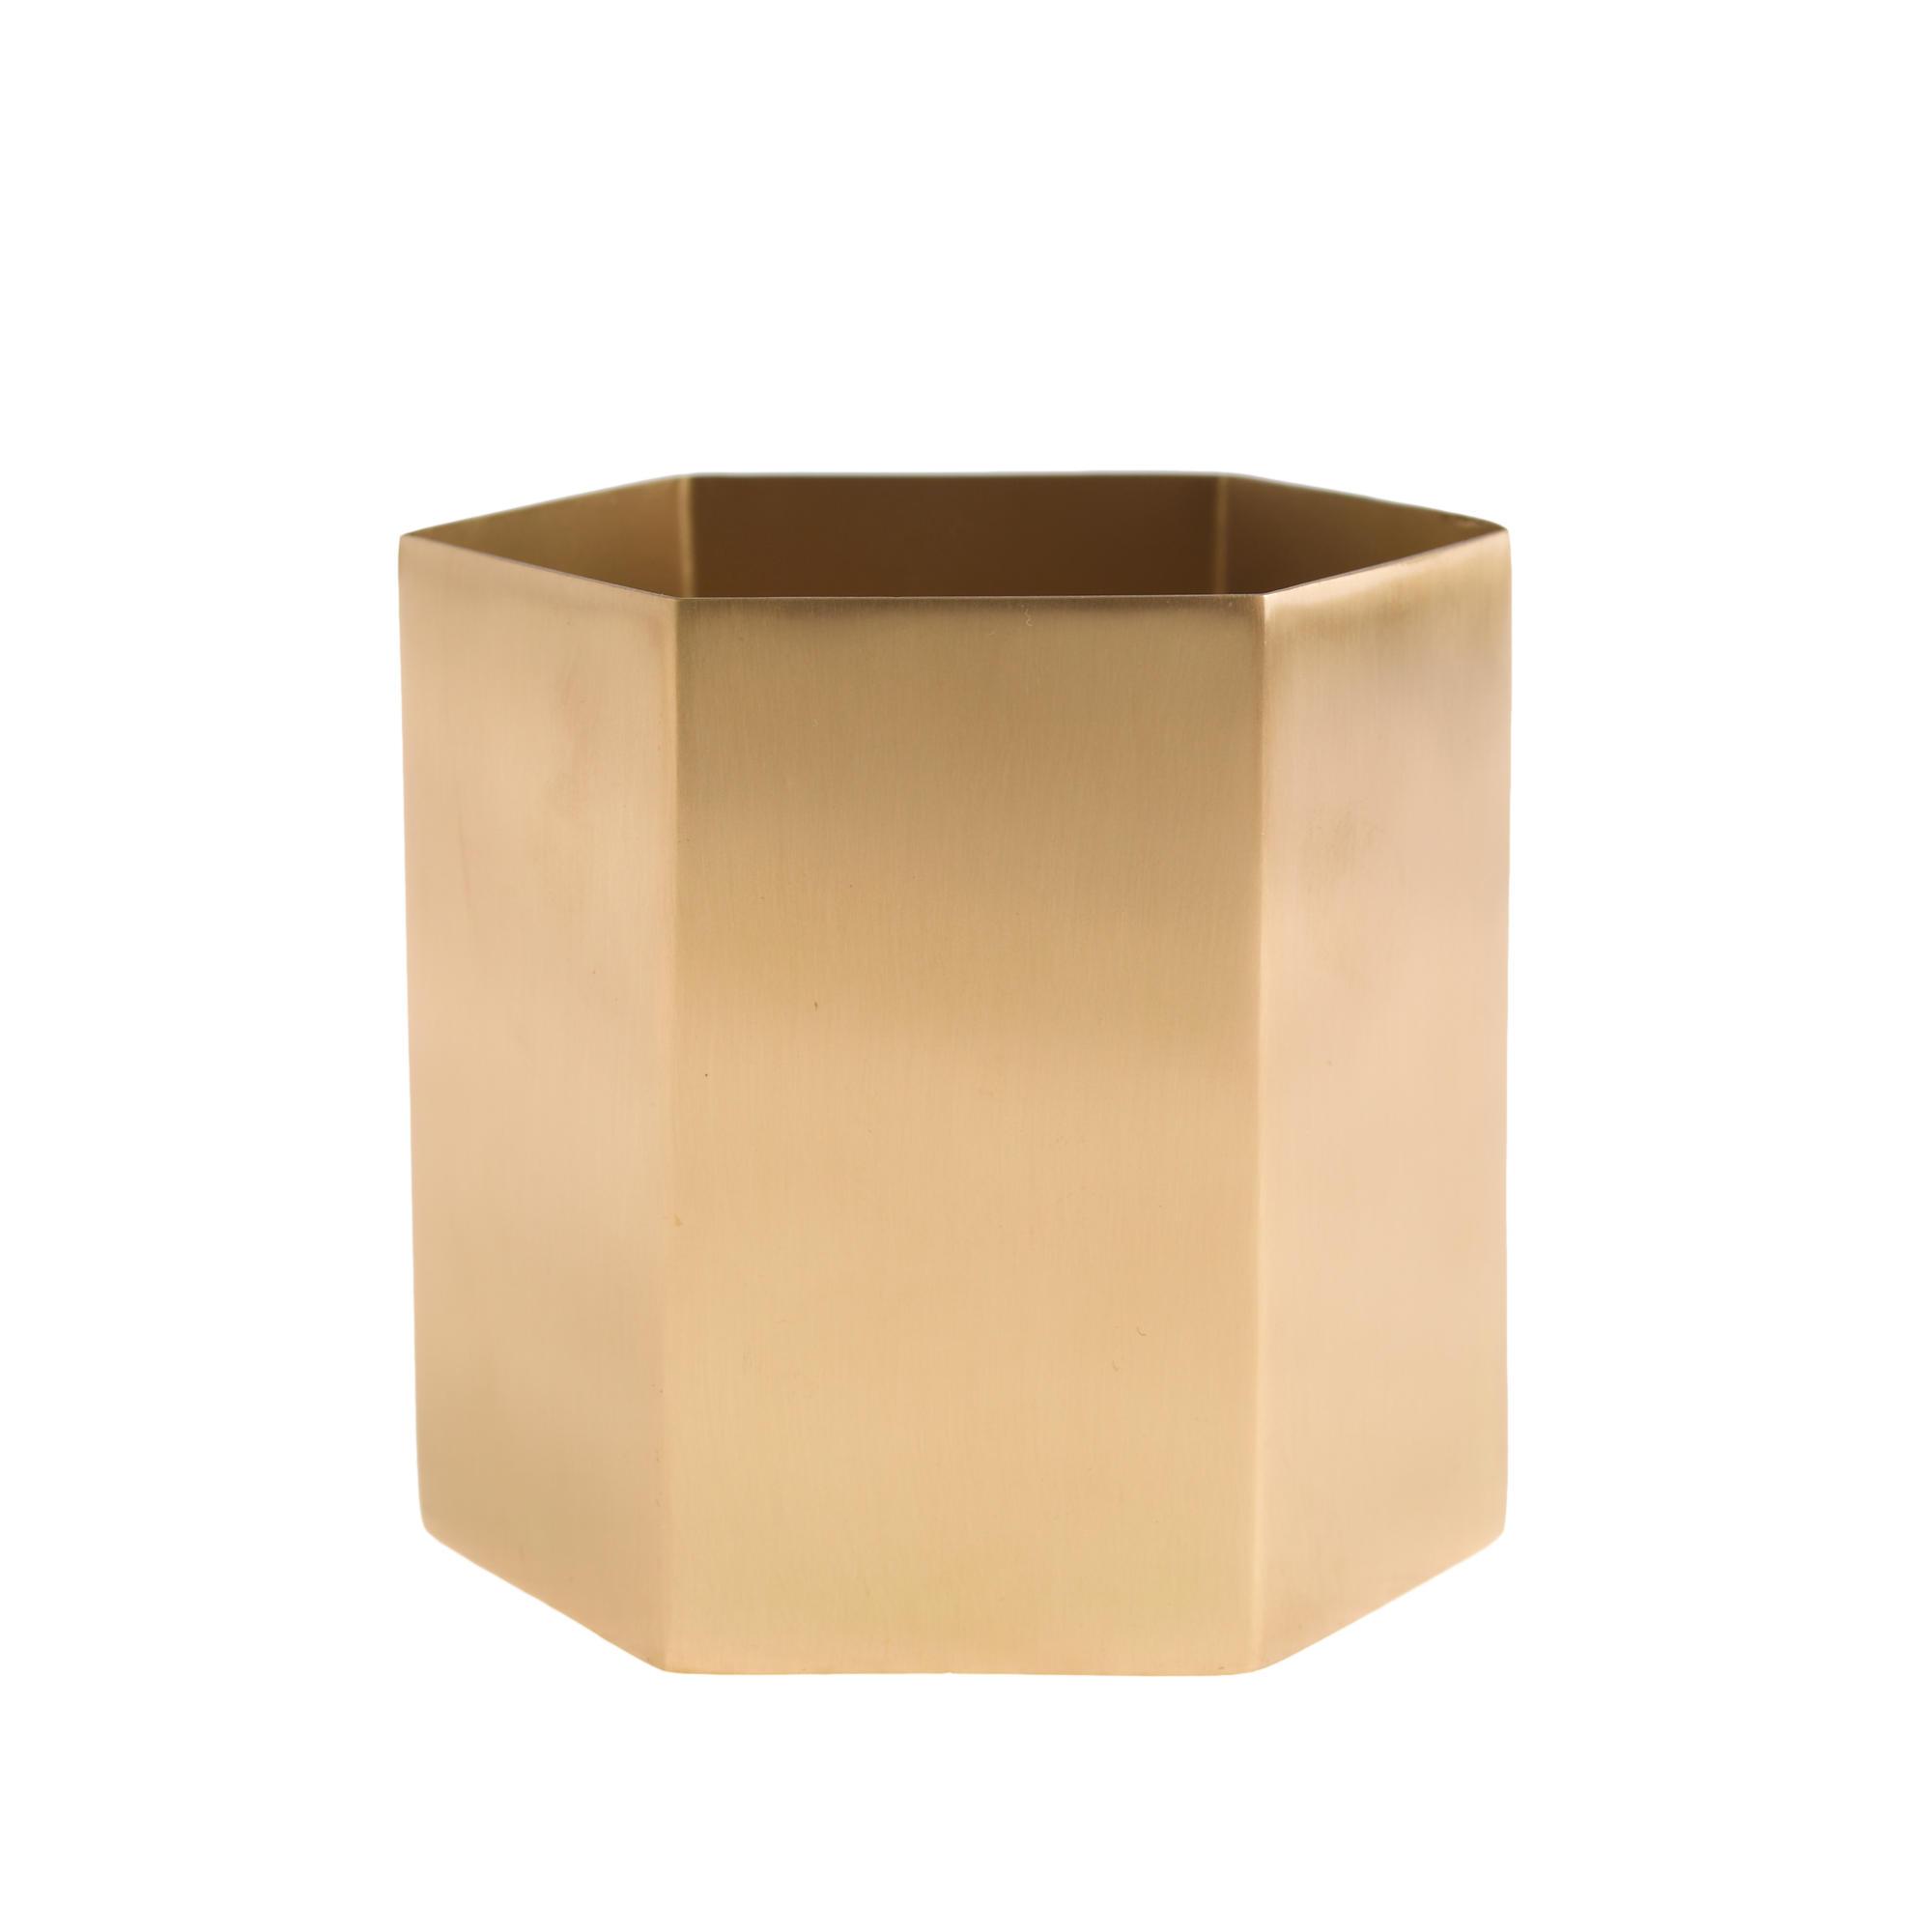 Ferm living small hexagon vase j crew for Ferm living vase